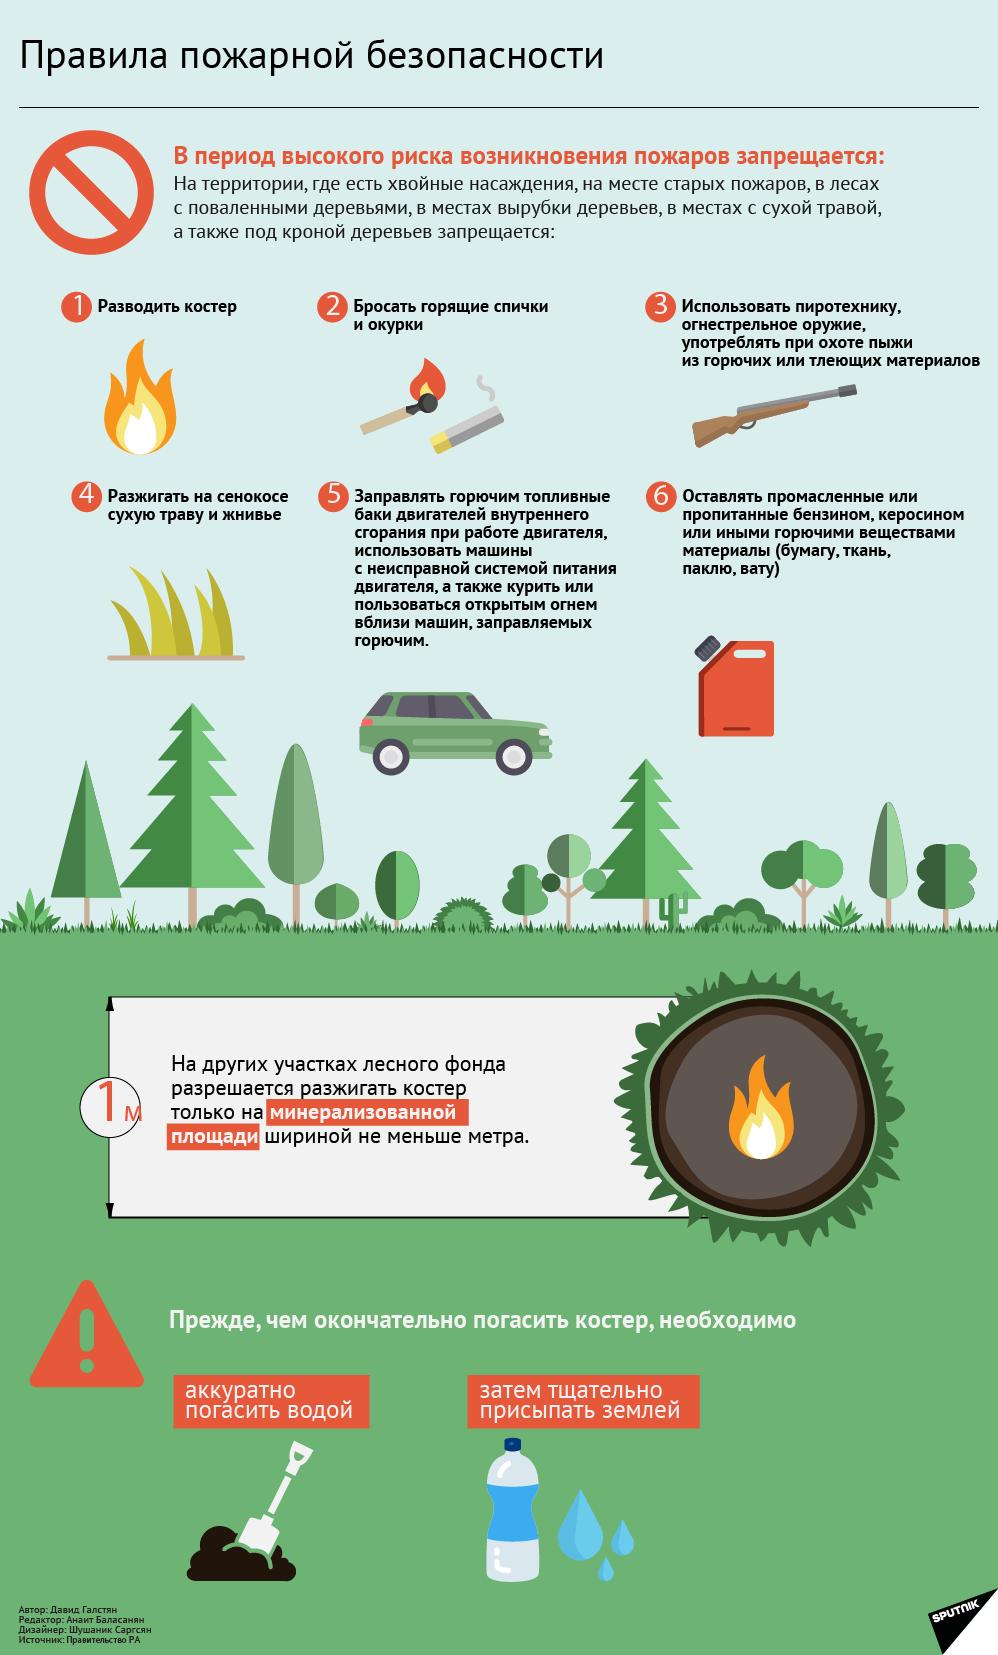 Правила пожарной безопасности - Sputnik Латвия